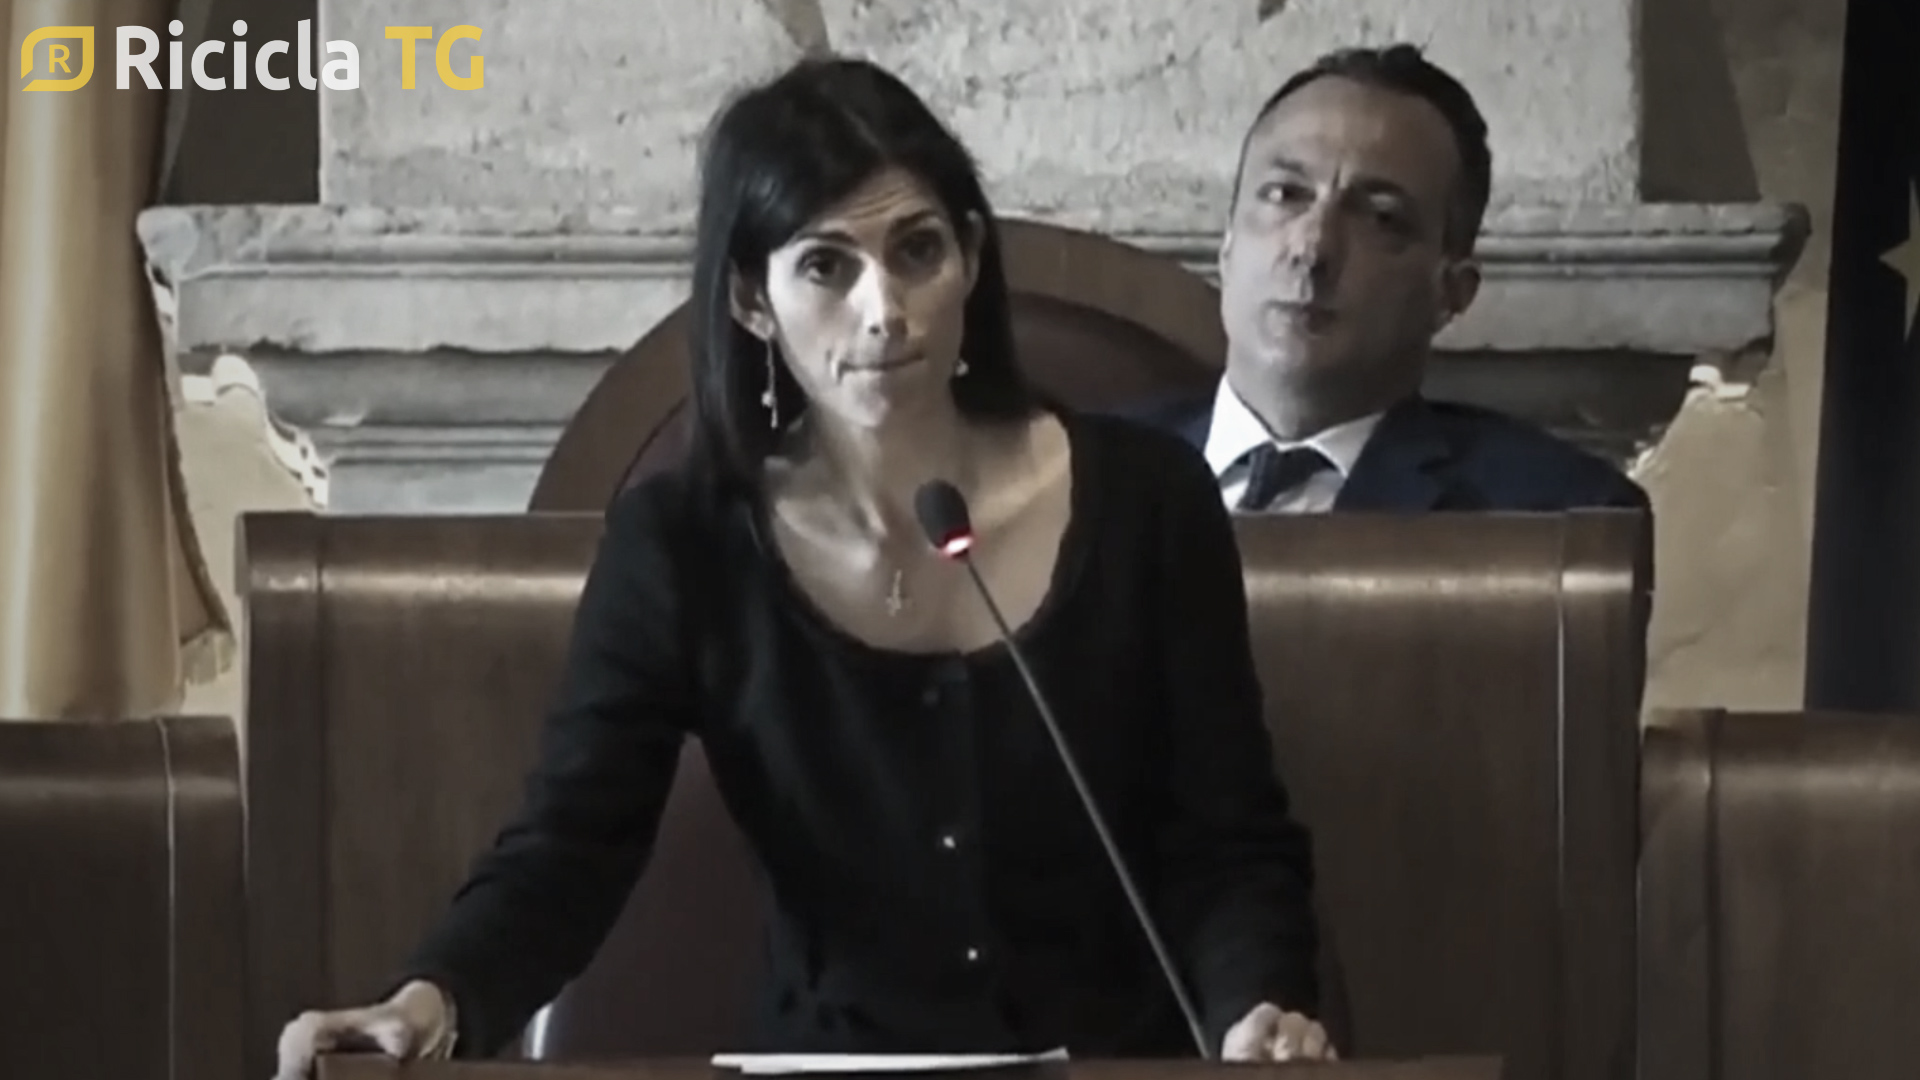 RIFIUTI ROMANI: È CRISI POLITICA - TG